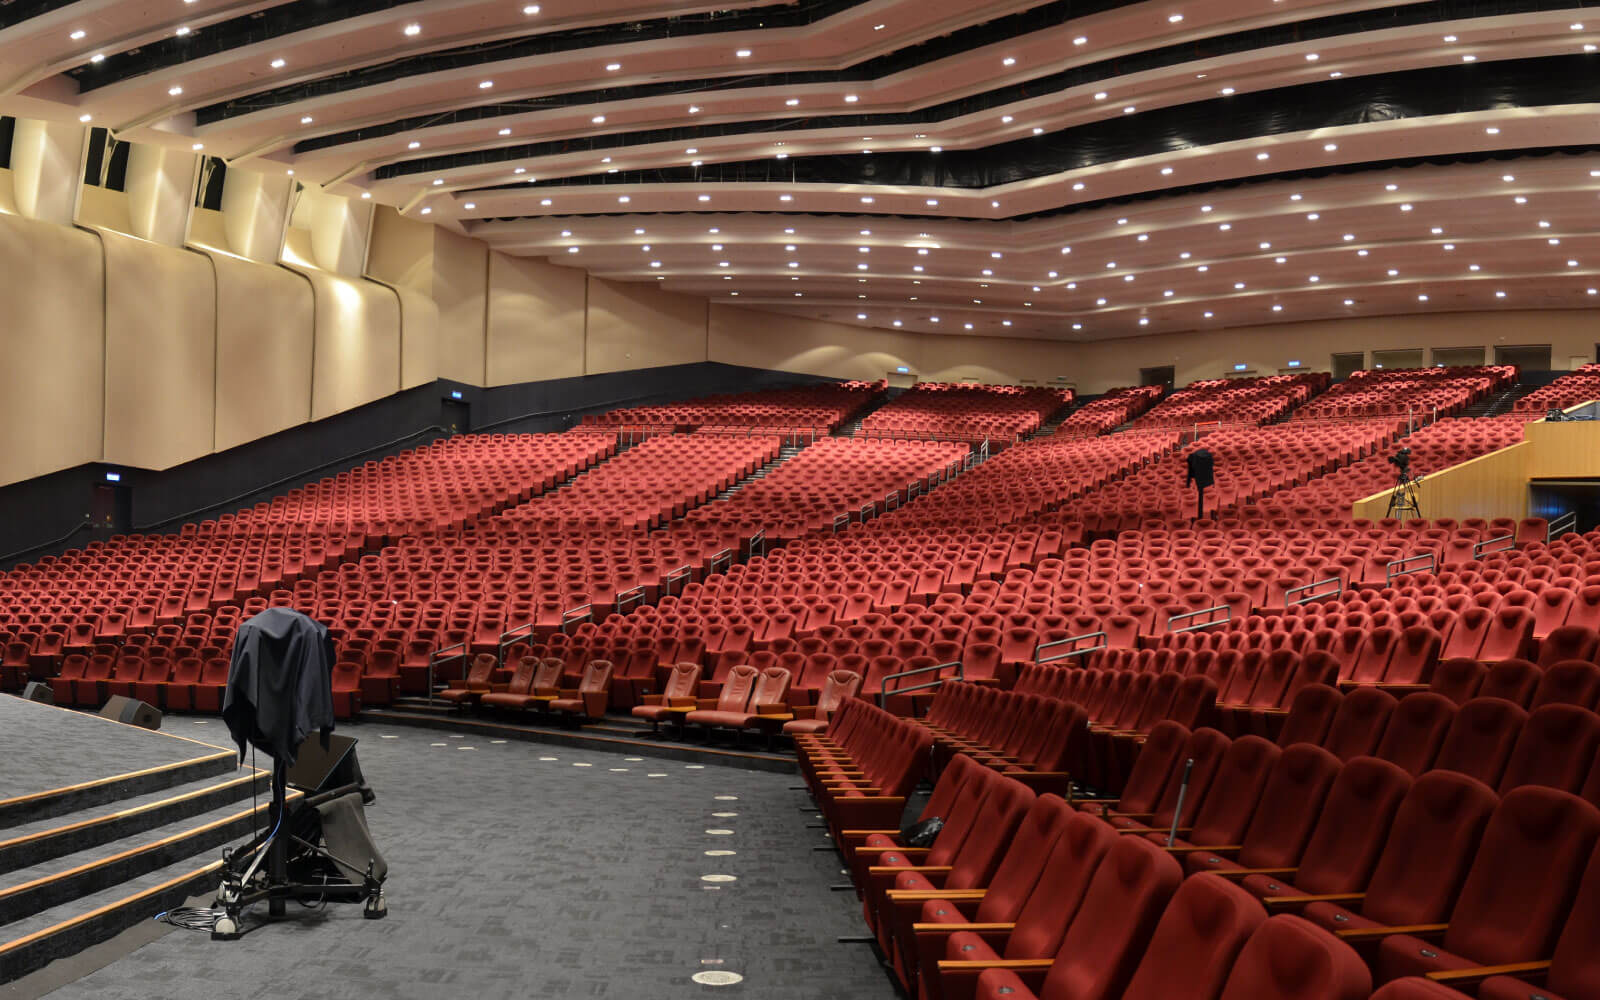 Image 2 for Calvary convention Center Auditorium